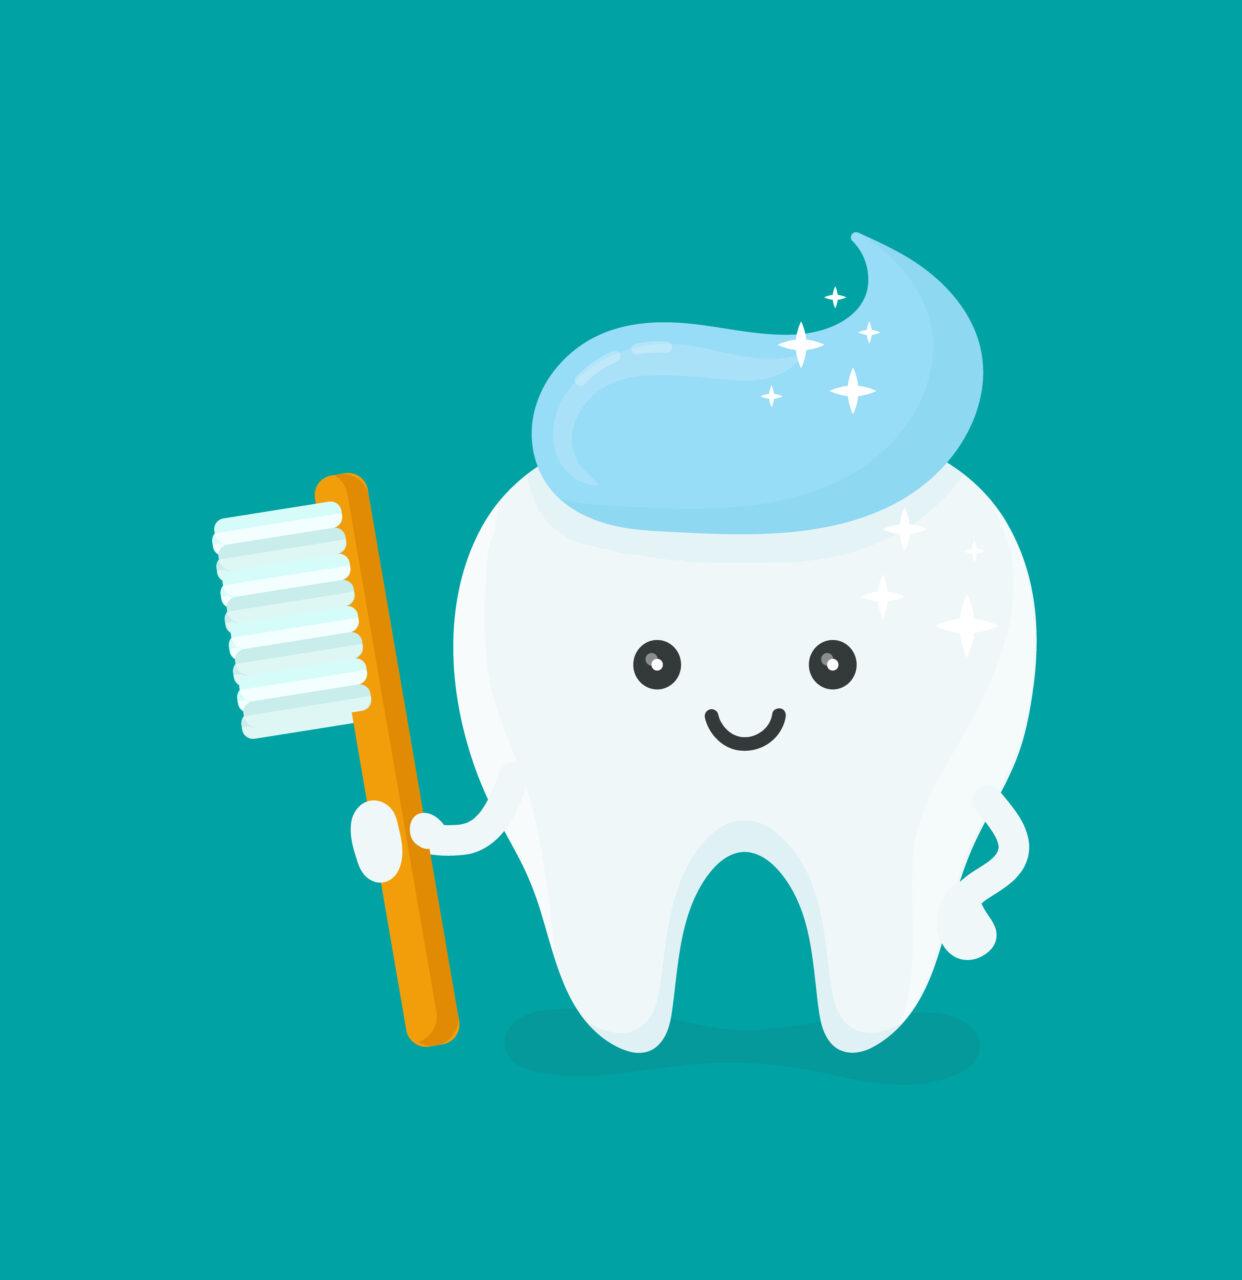 ぎゅい~んって音と口紅の落ち具合が気になる。歯医者さんに行く前のチェックリスト